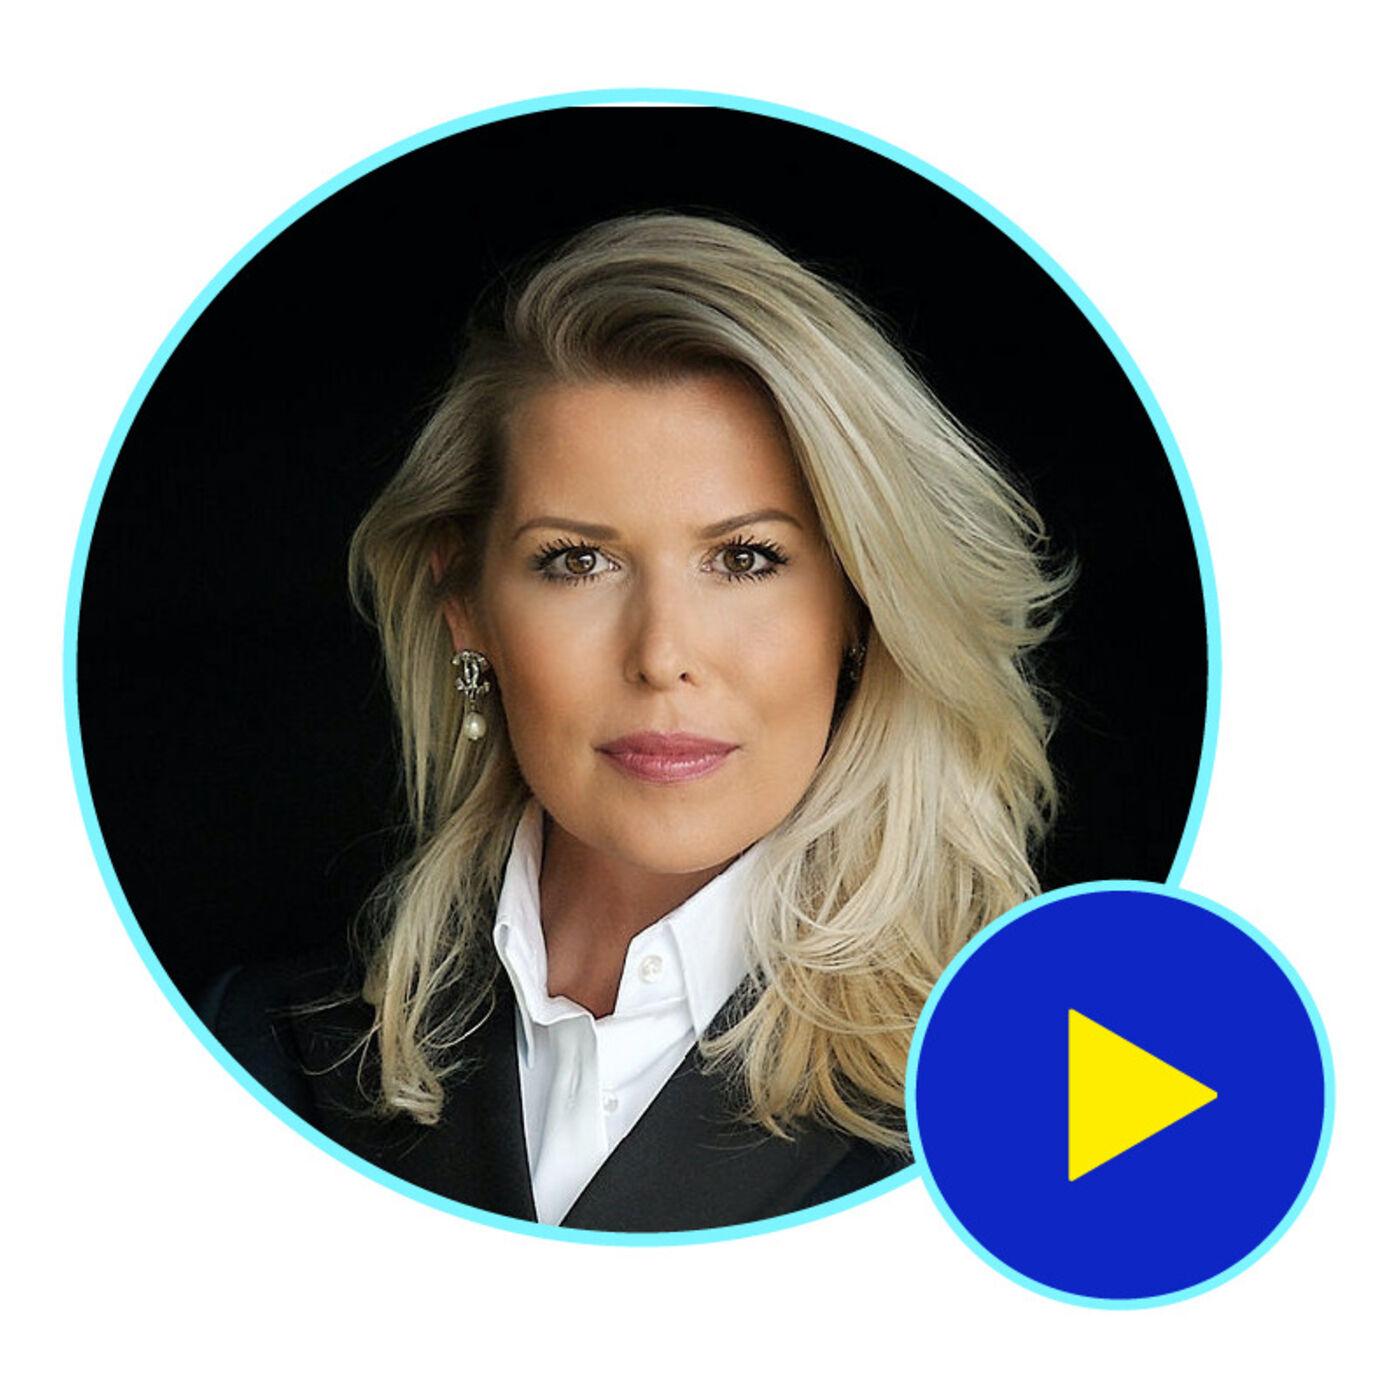 Jak epidemia koronawirusa zmieniła rynek e-commerce - gość Dagmara Brzezińska